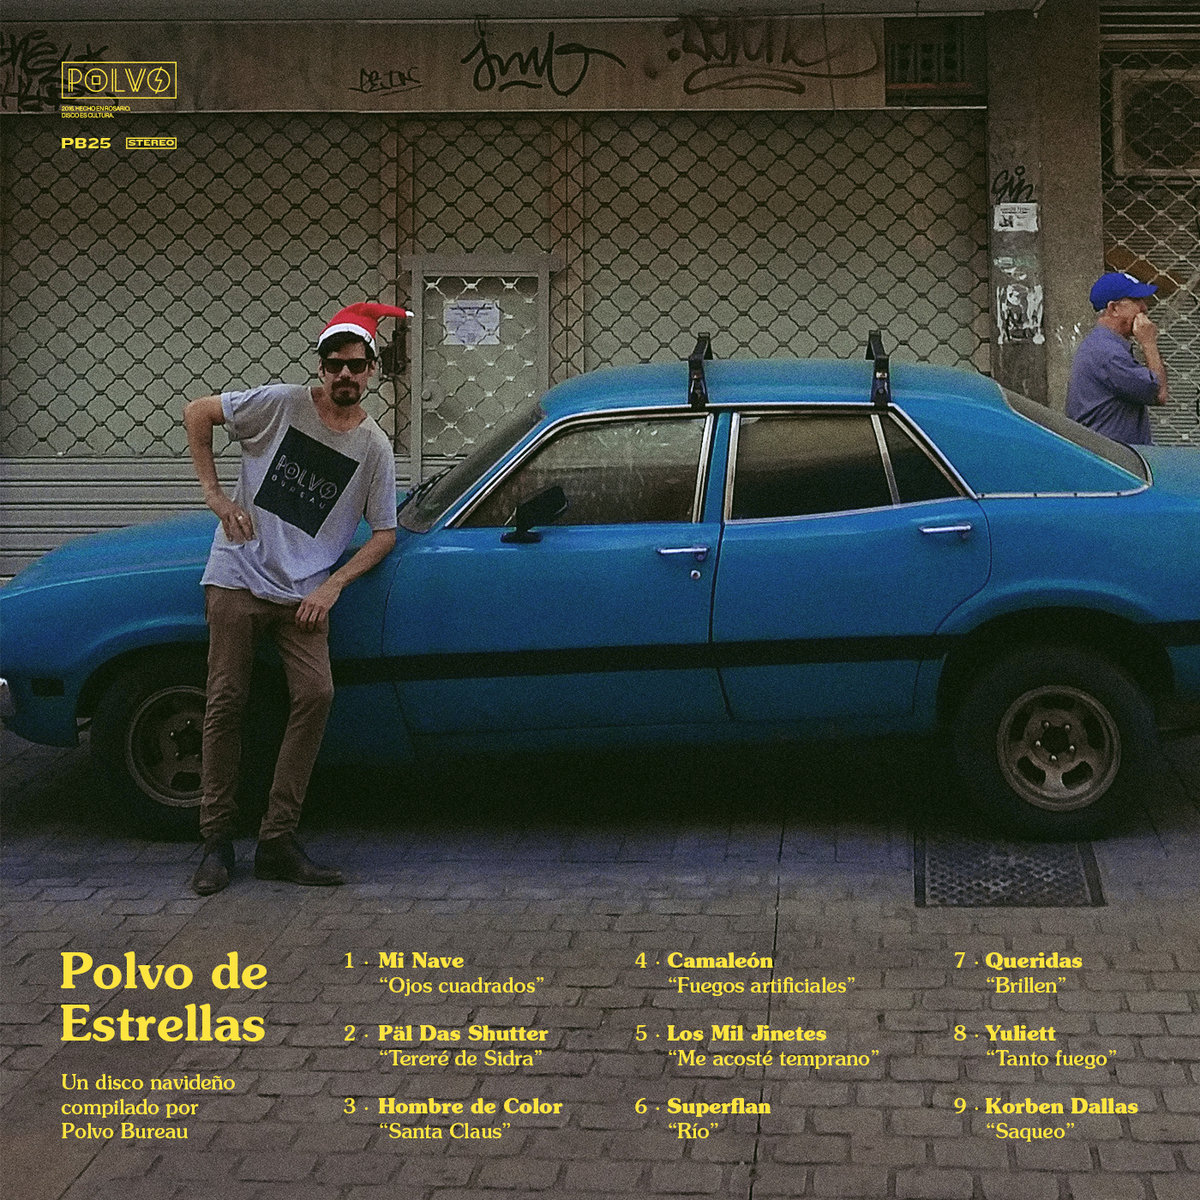 POLVO DE ESTRELLAS (Un disco navideño compilado por Polvo Bureau)